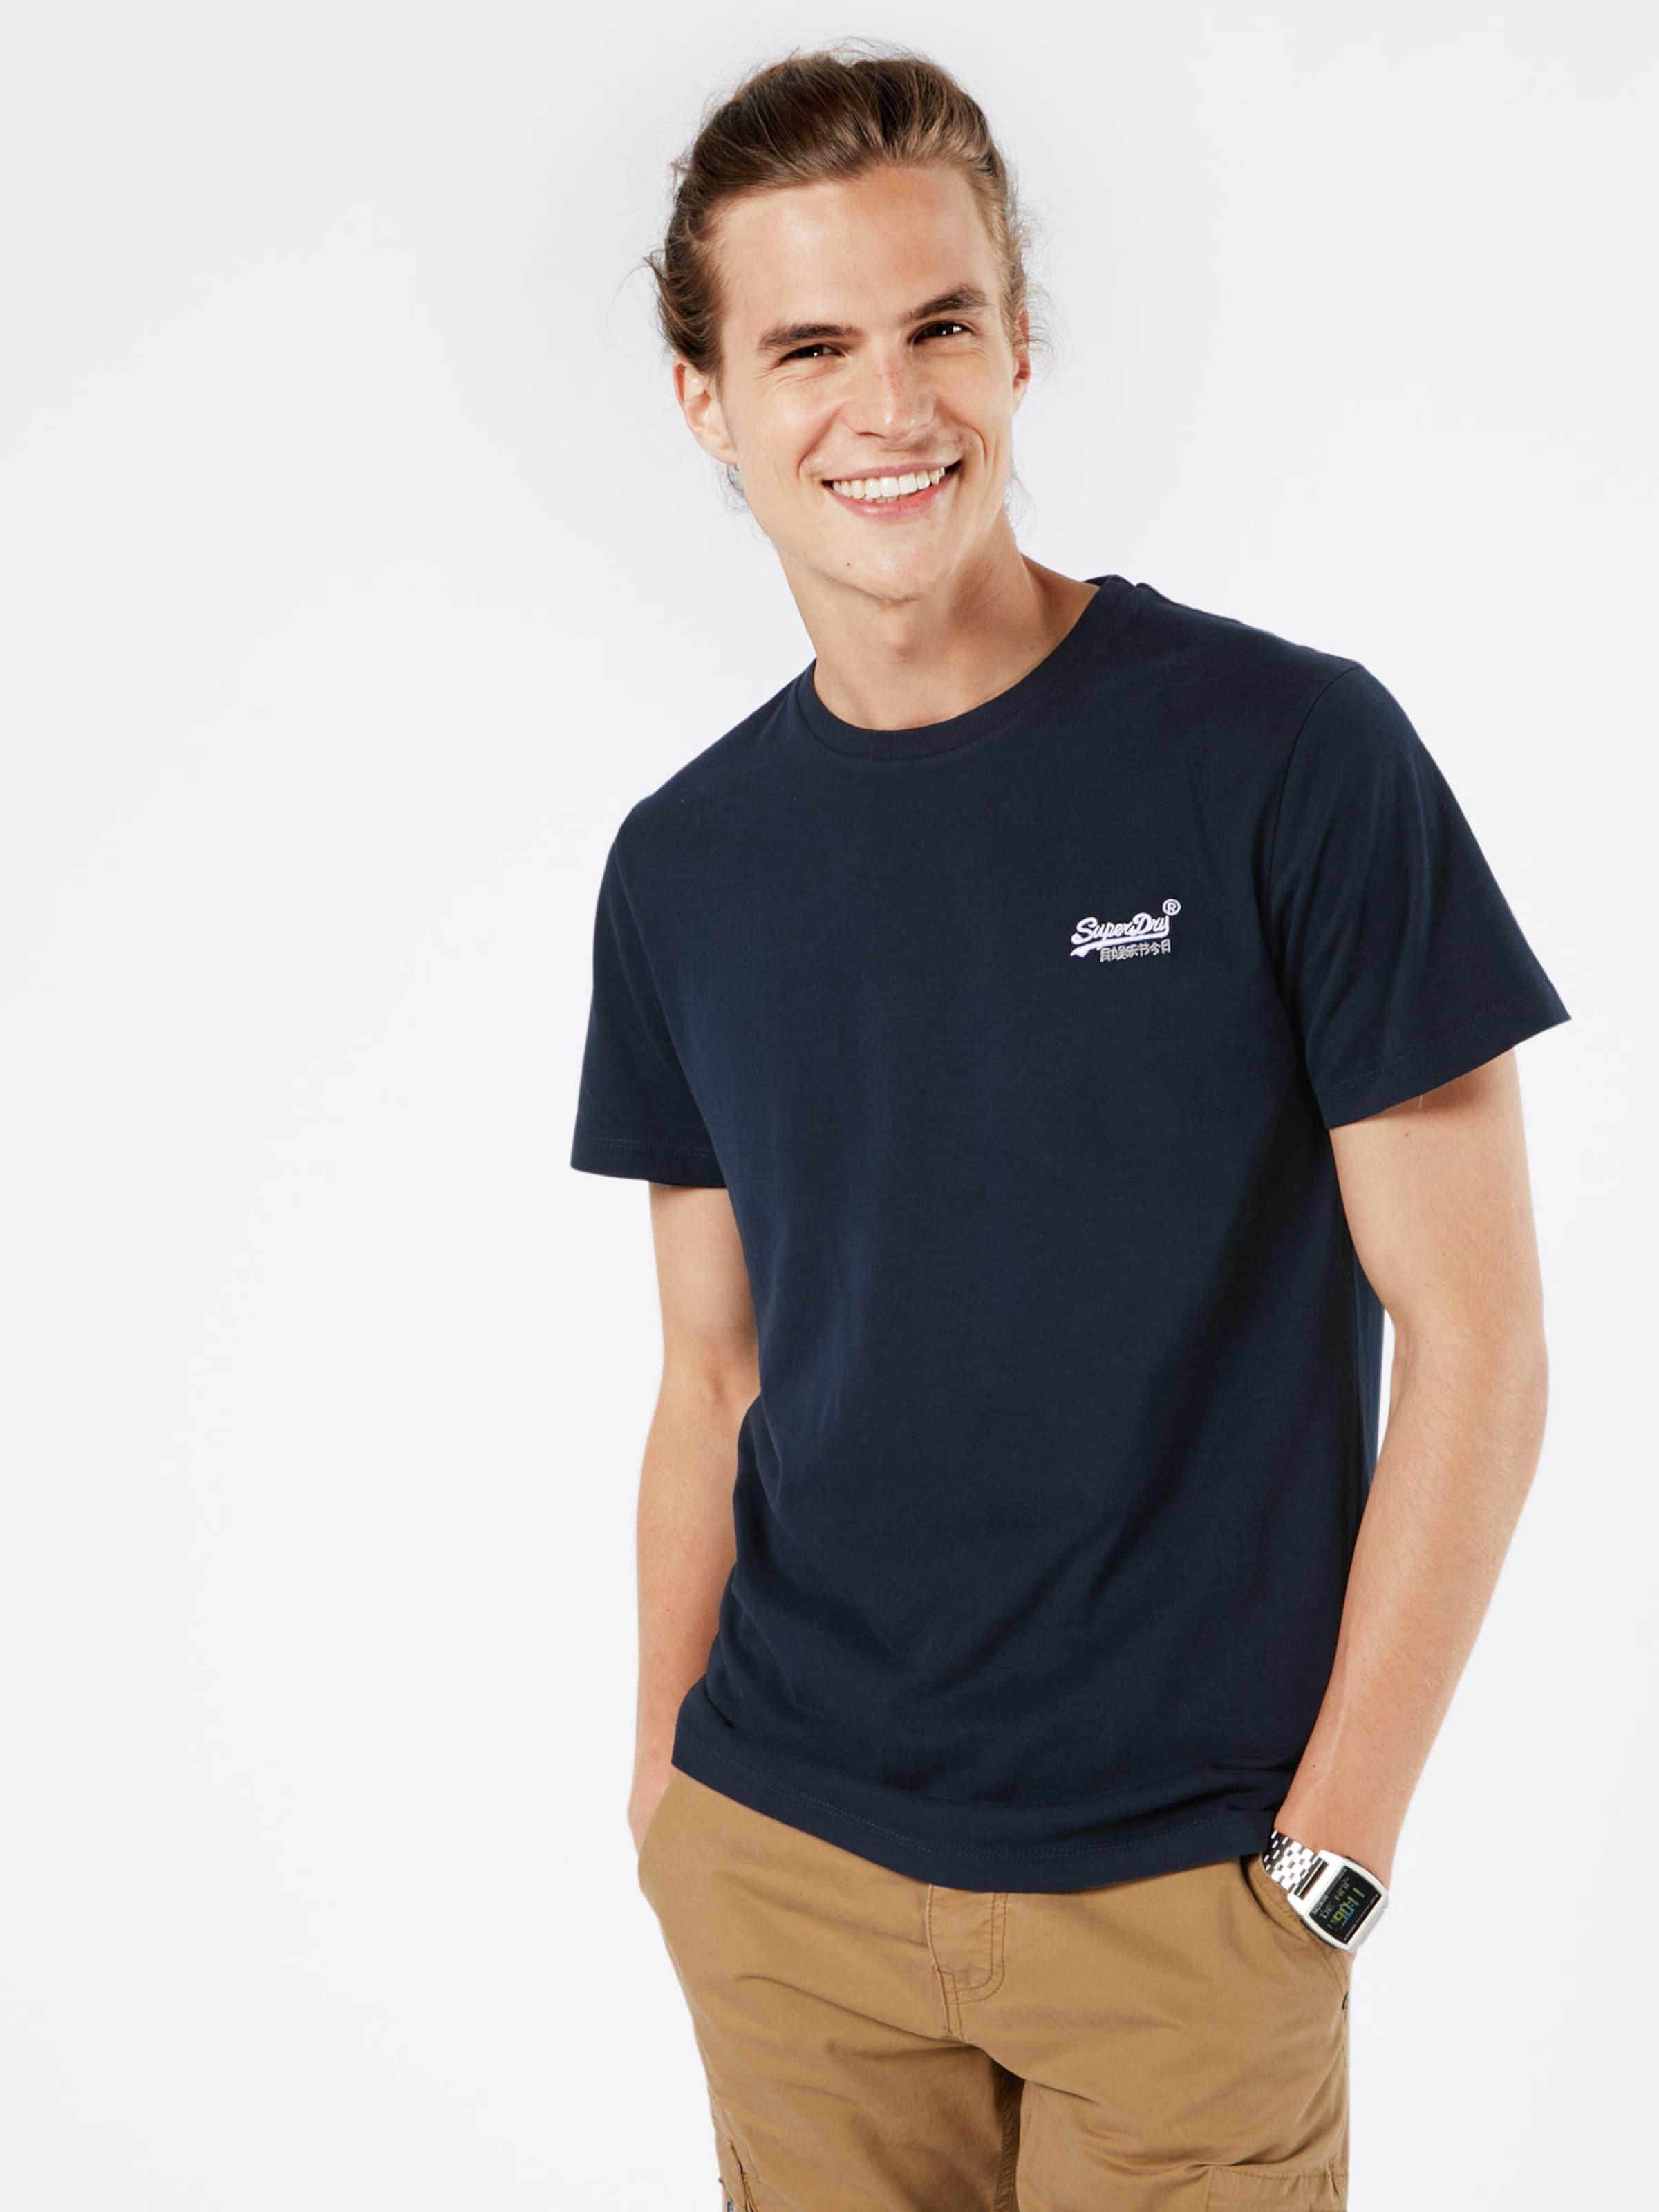 Superdry T-Shirt 'ORANGE LABEL VINTAGE EMB TEE' Kosten Preiswerte Reale Eastbay TV2fPUjtKm